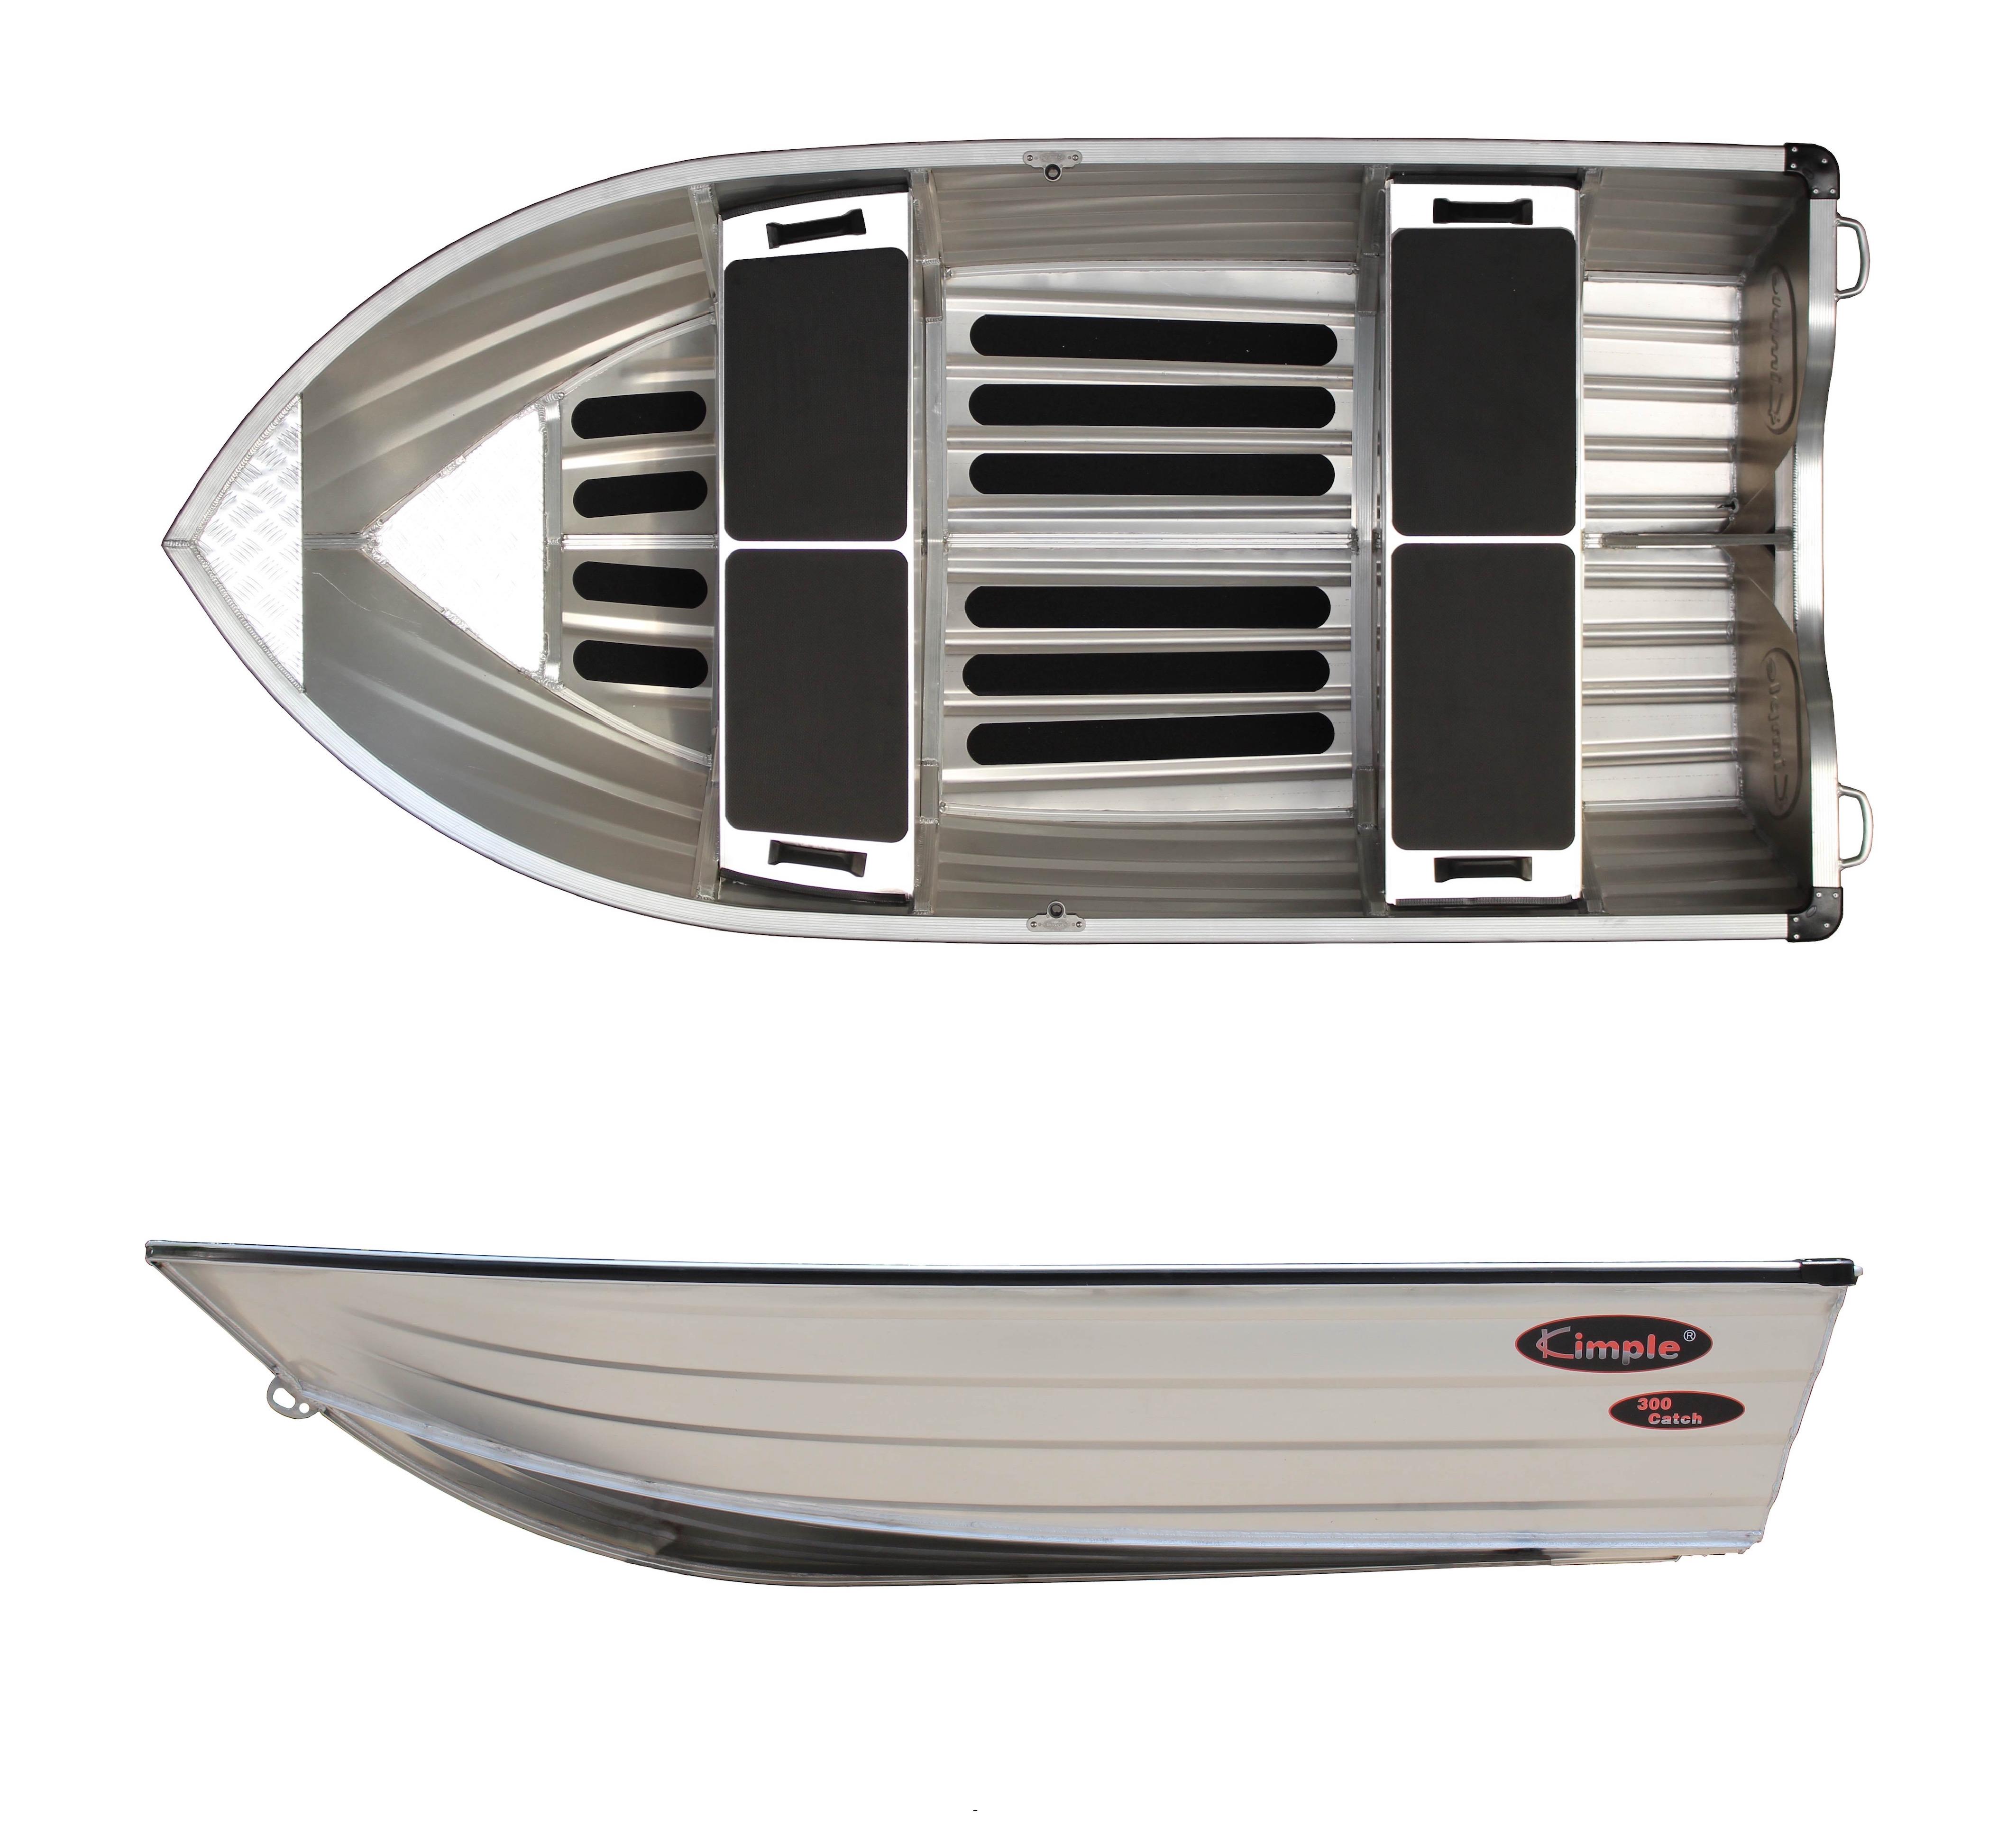 Aluminiumsbåt Kimple 300 Catch